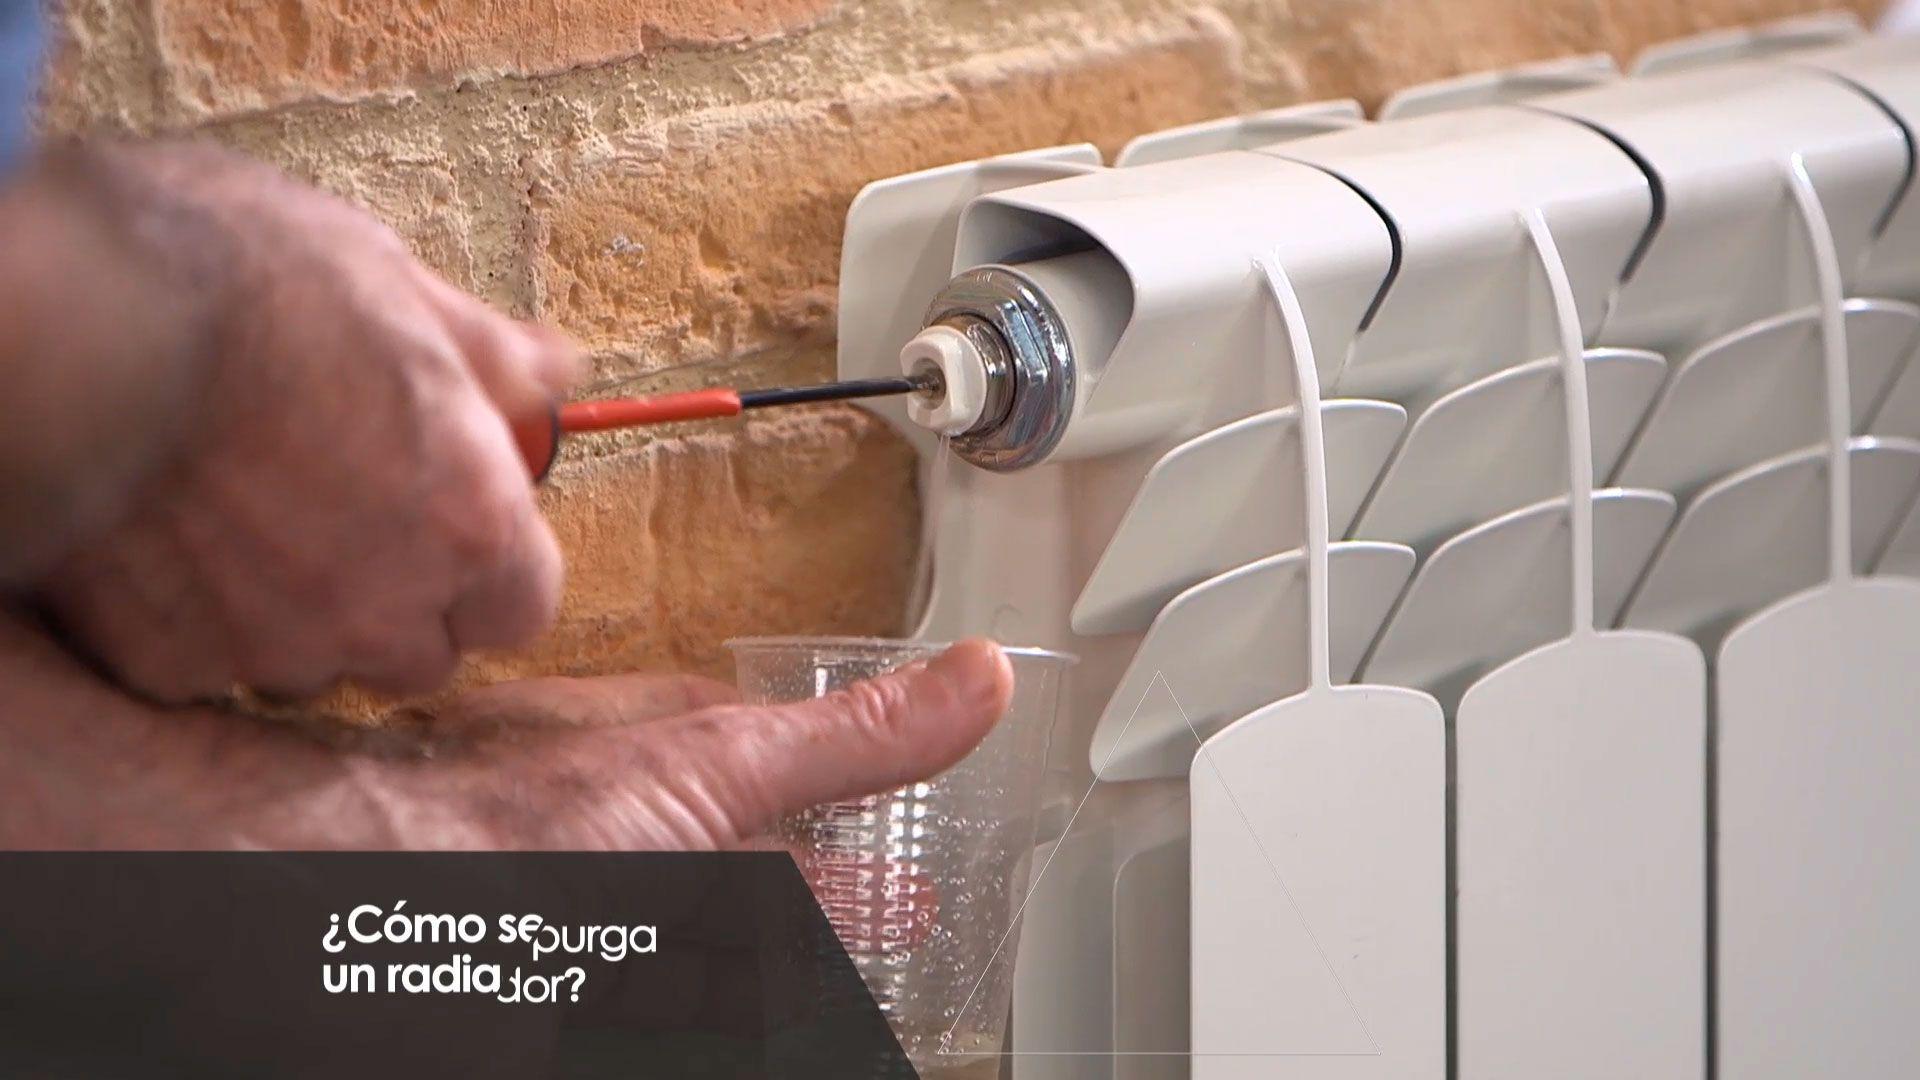 Cómo se purga un radiador